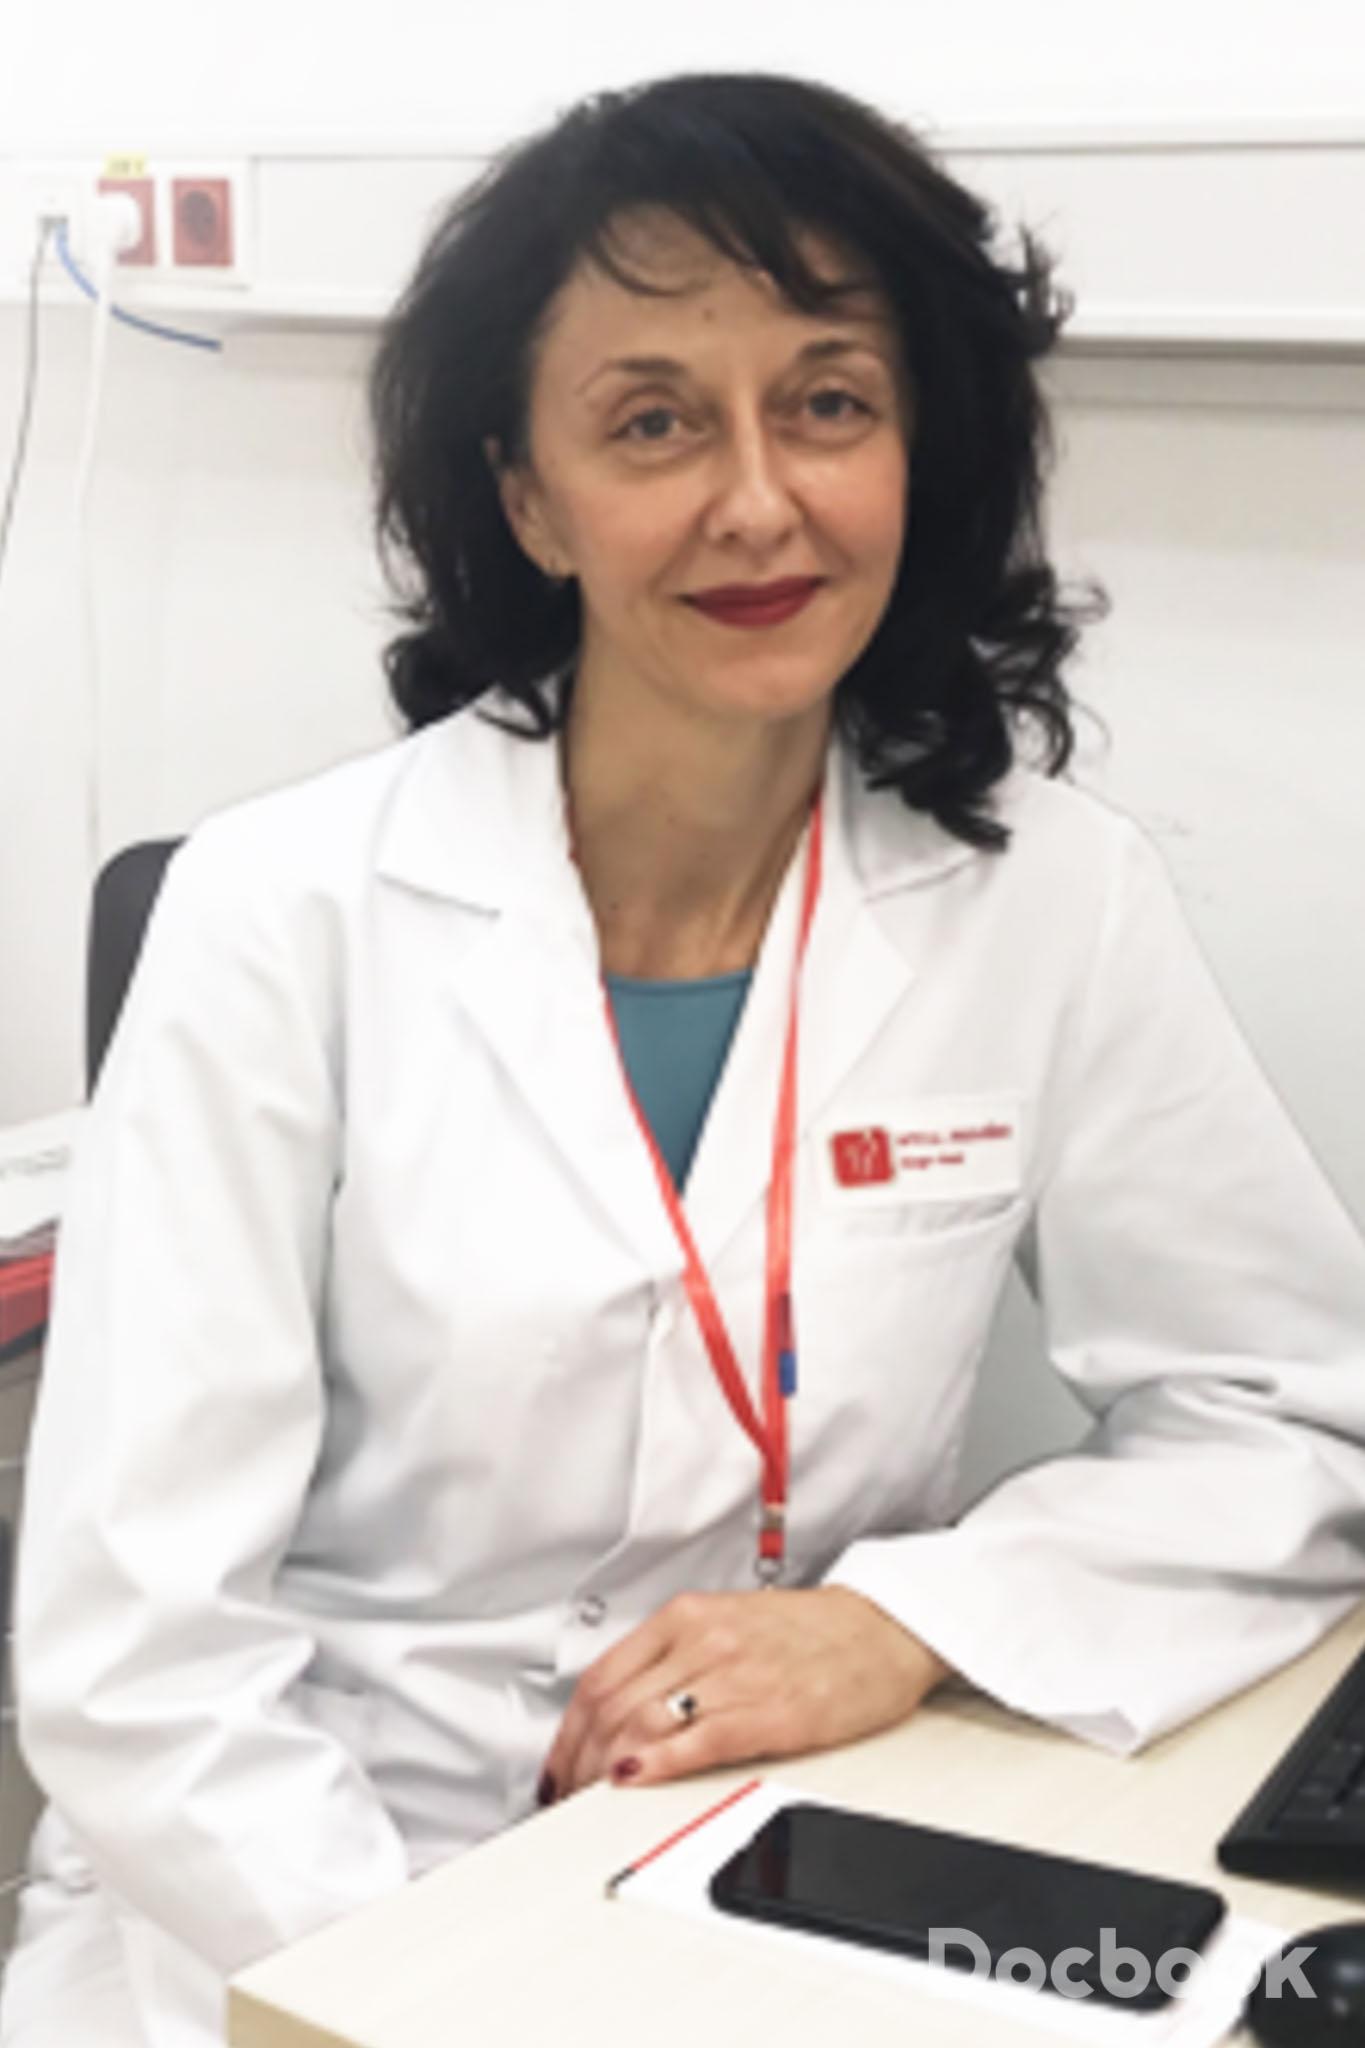 Dr. Corina Paul